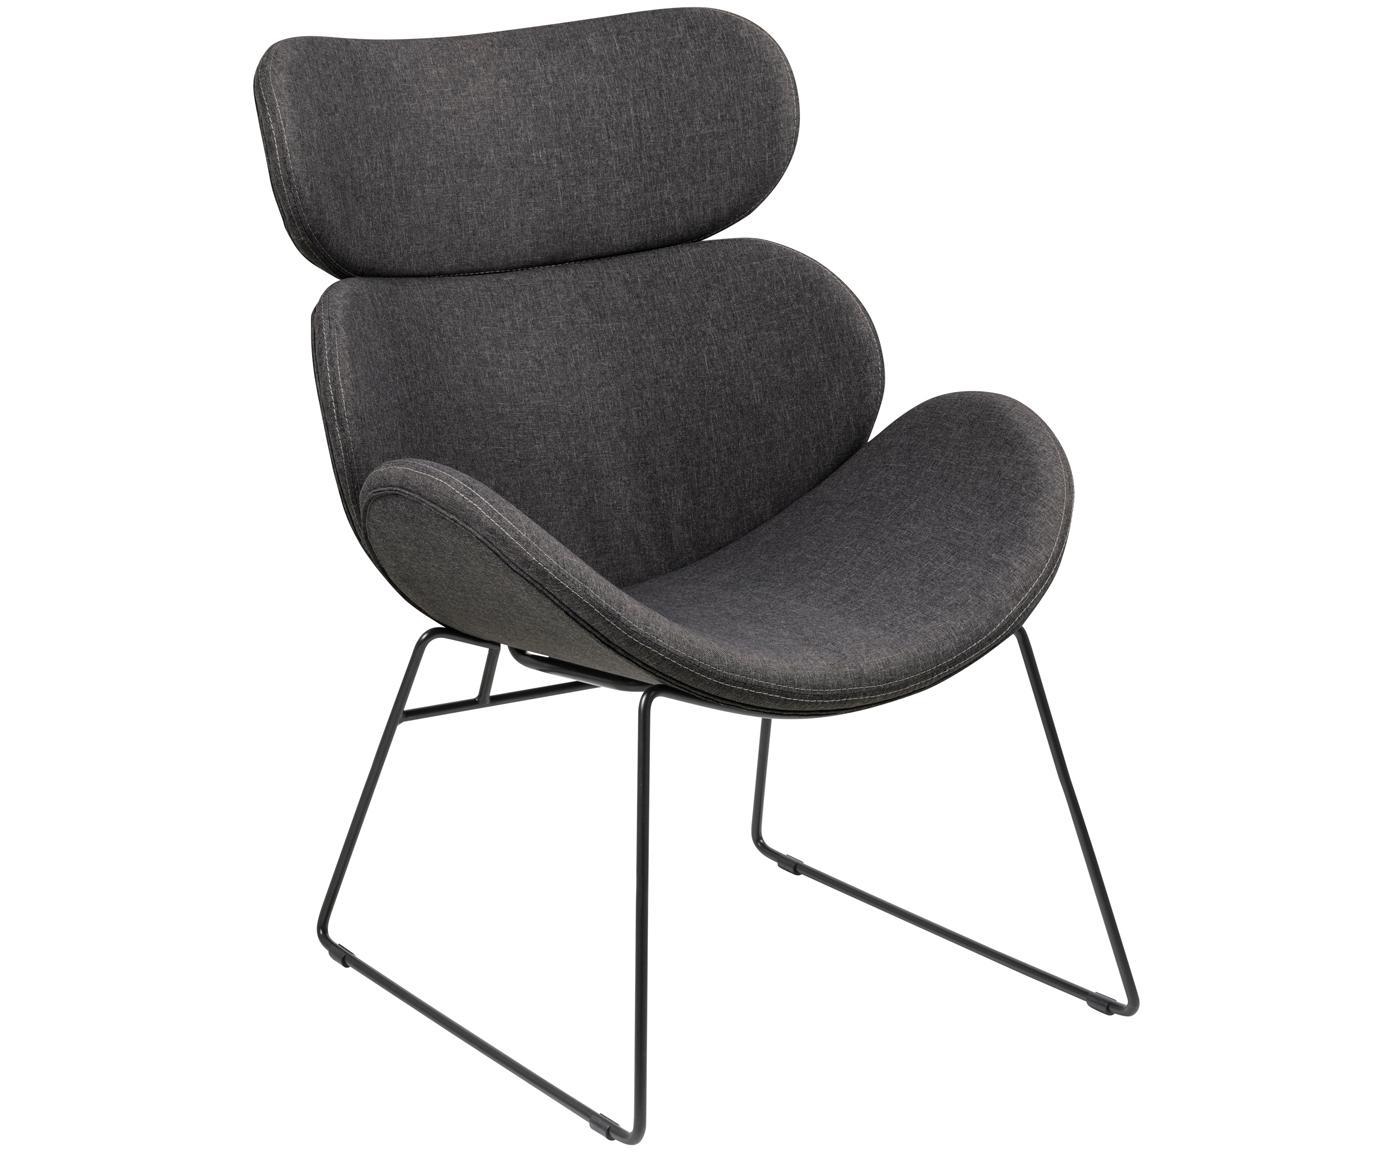 Moderne loungefauteuil Cazar in donkergrijs, Bekleding: polyester, Frame: gepoedercoat metaal, Grijs, zwart, B 69  x D 79 cm